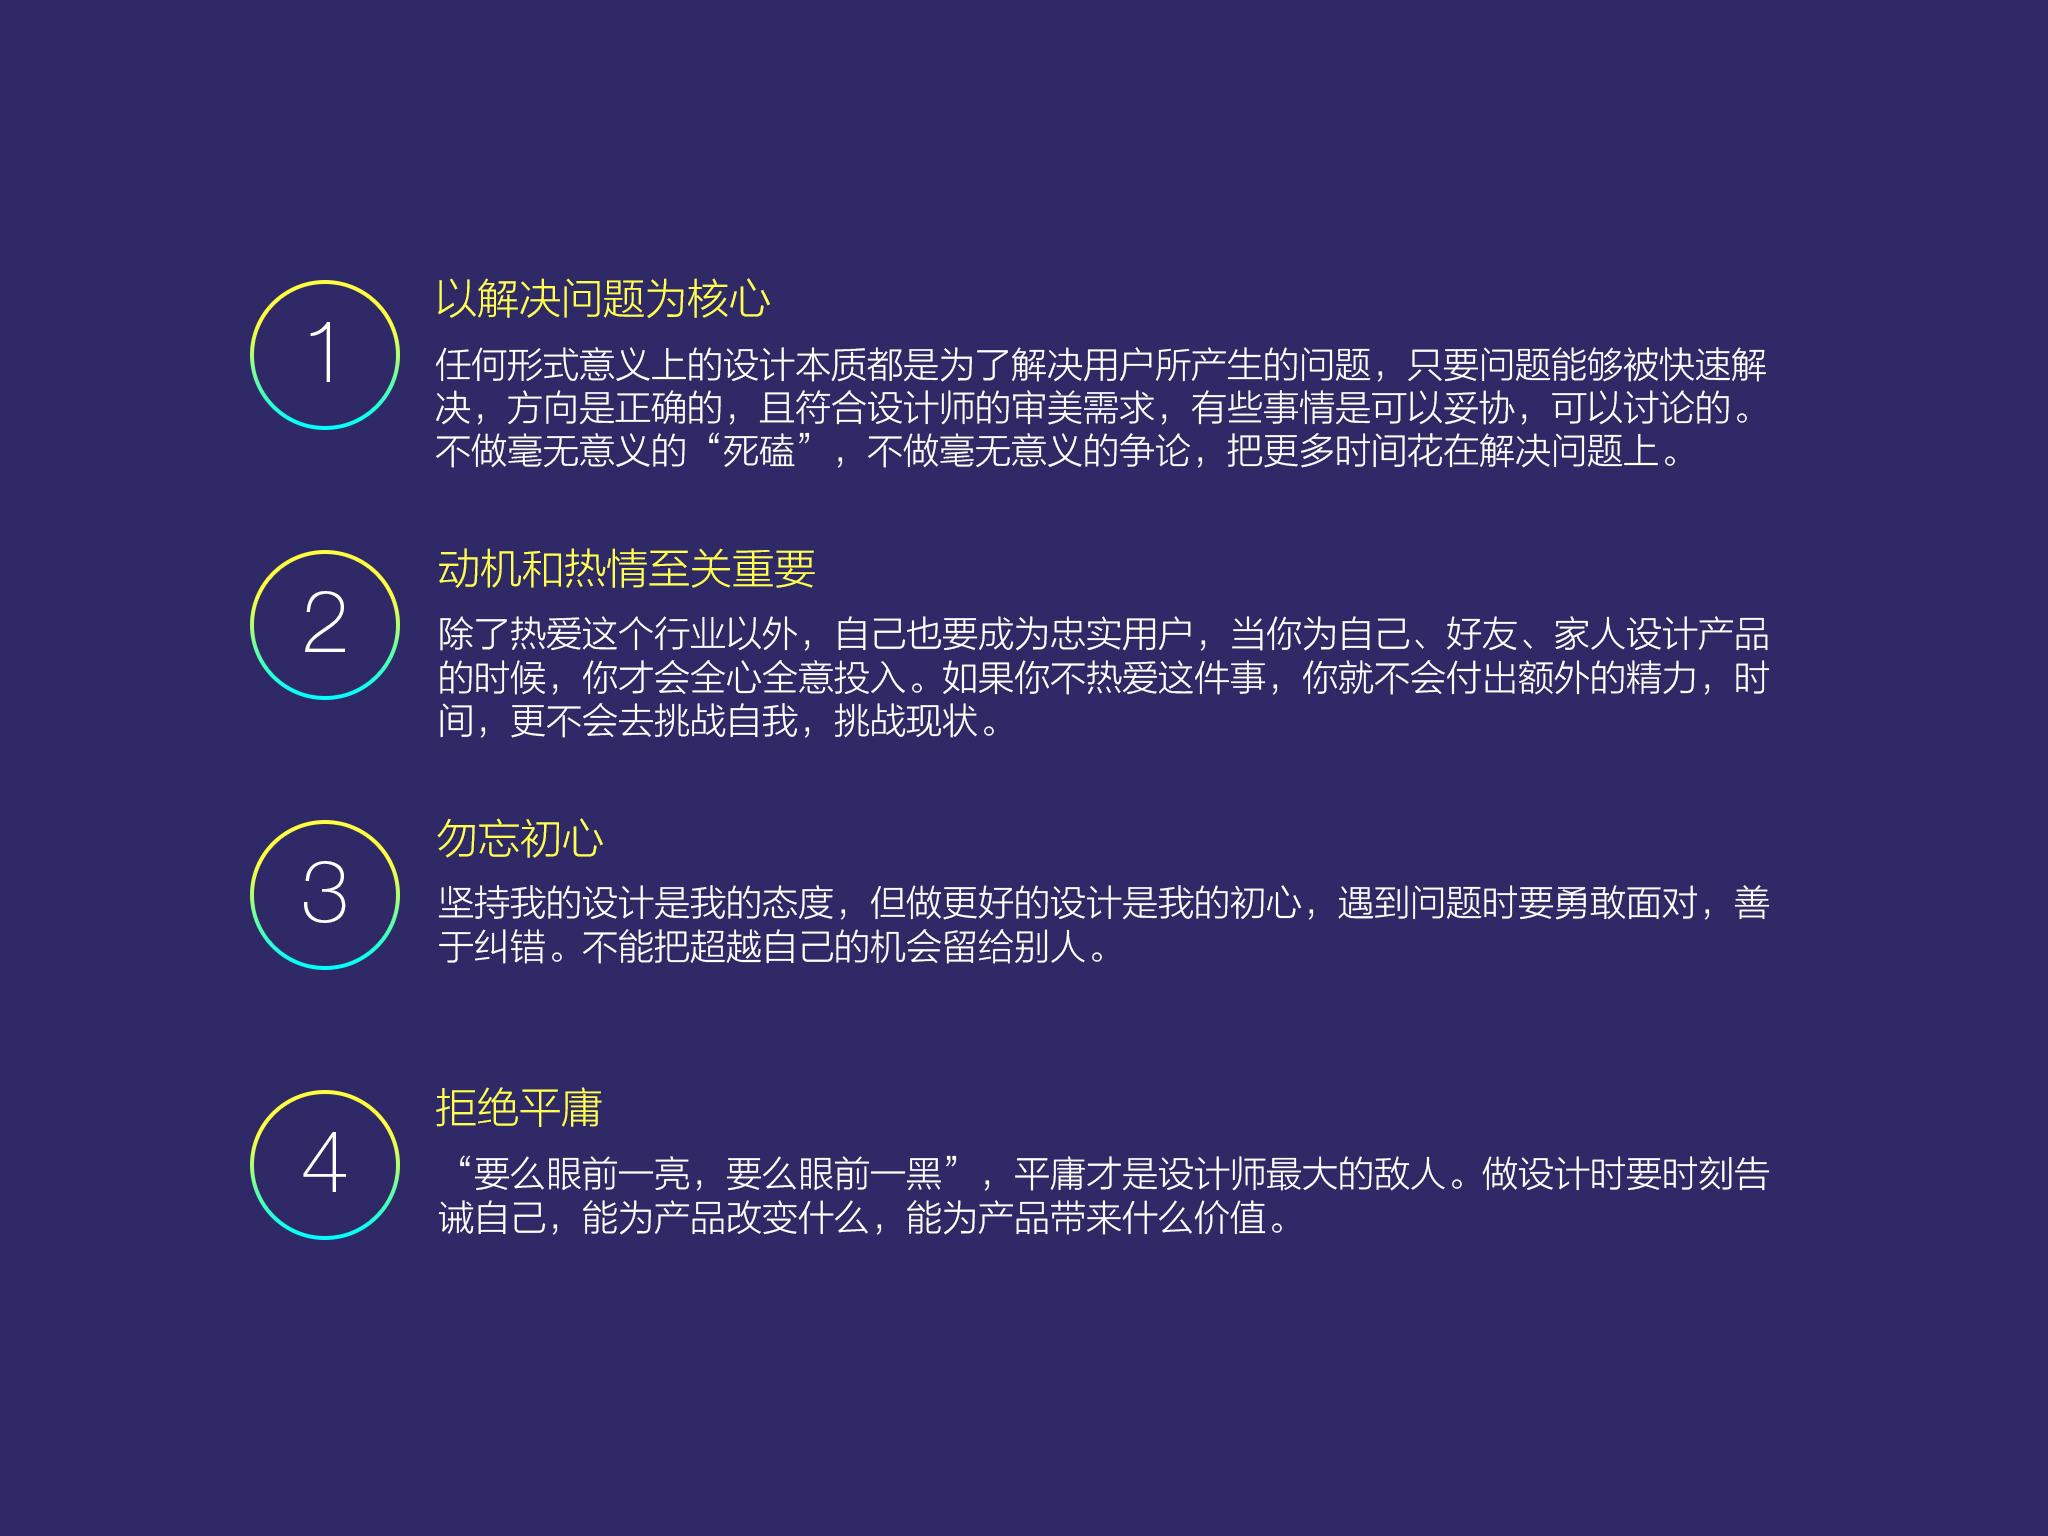 优设专访!腾讯电脑管家视觉负责人张晓翔的UI自学之路